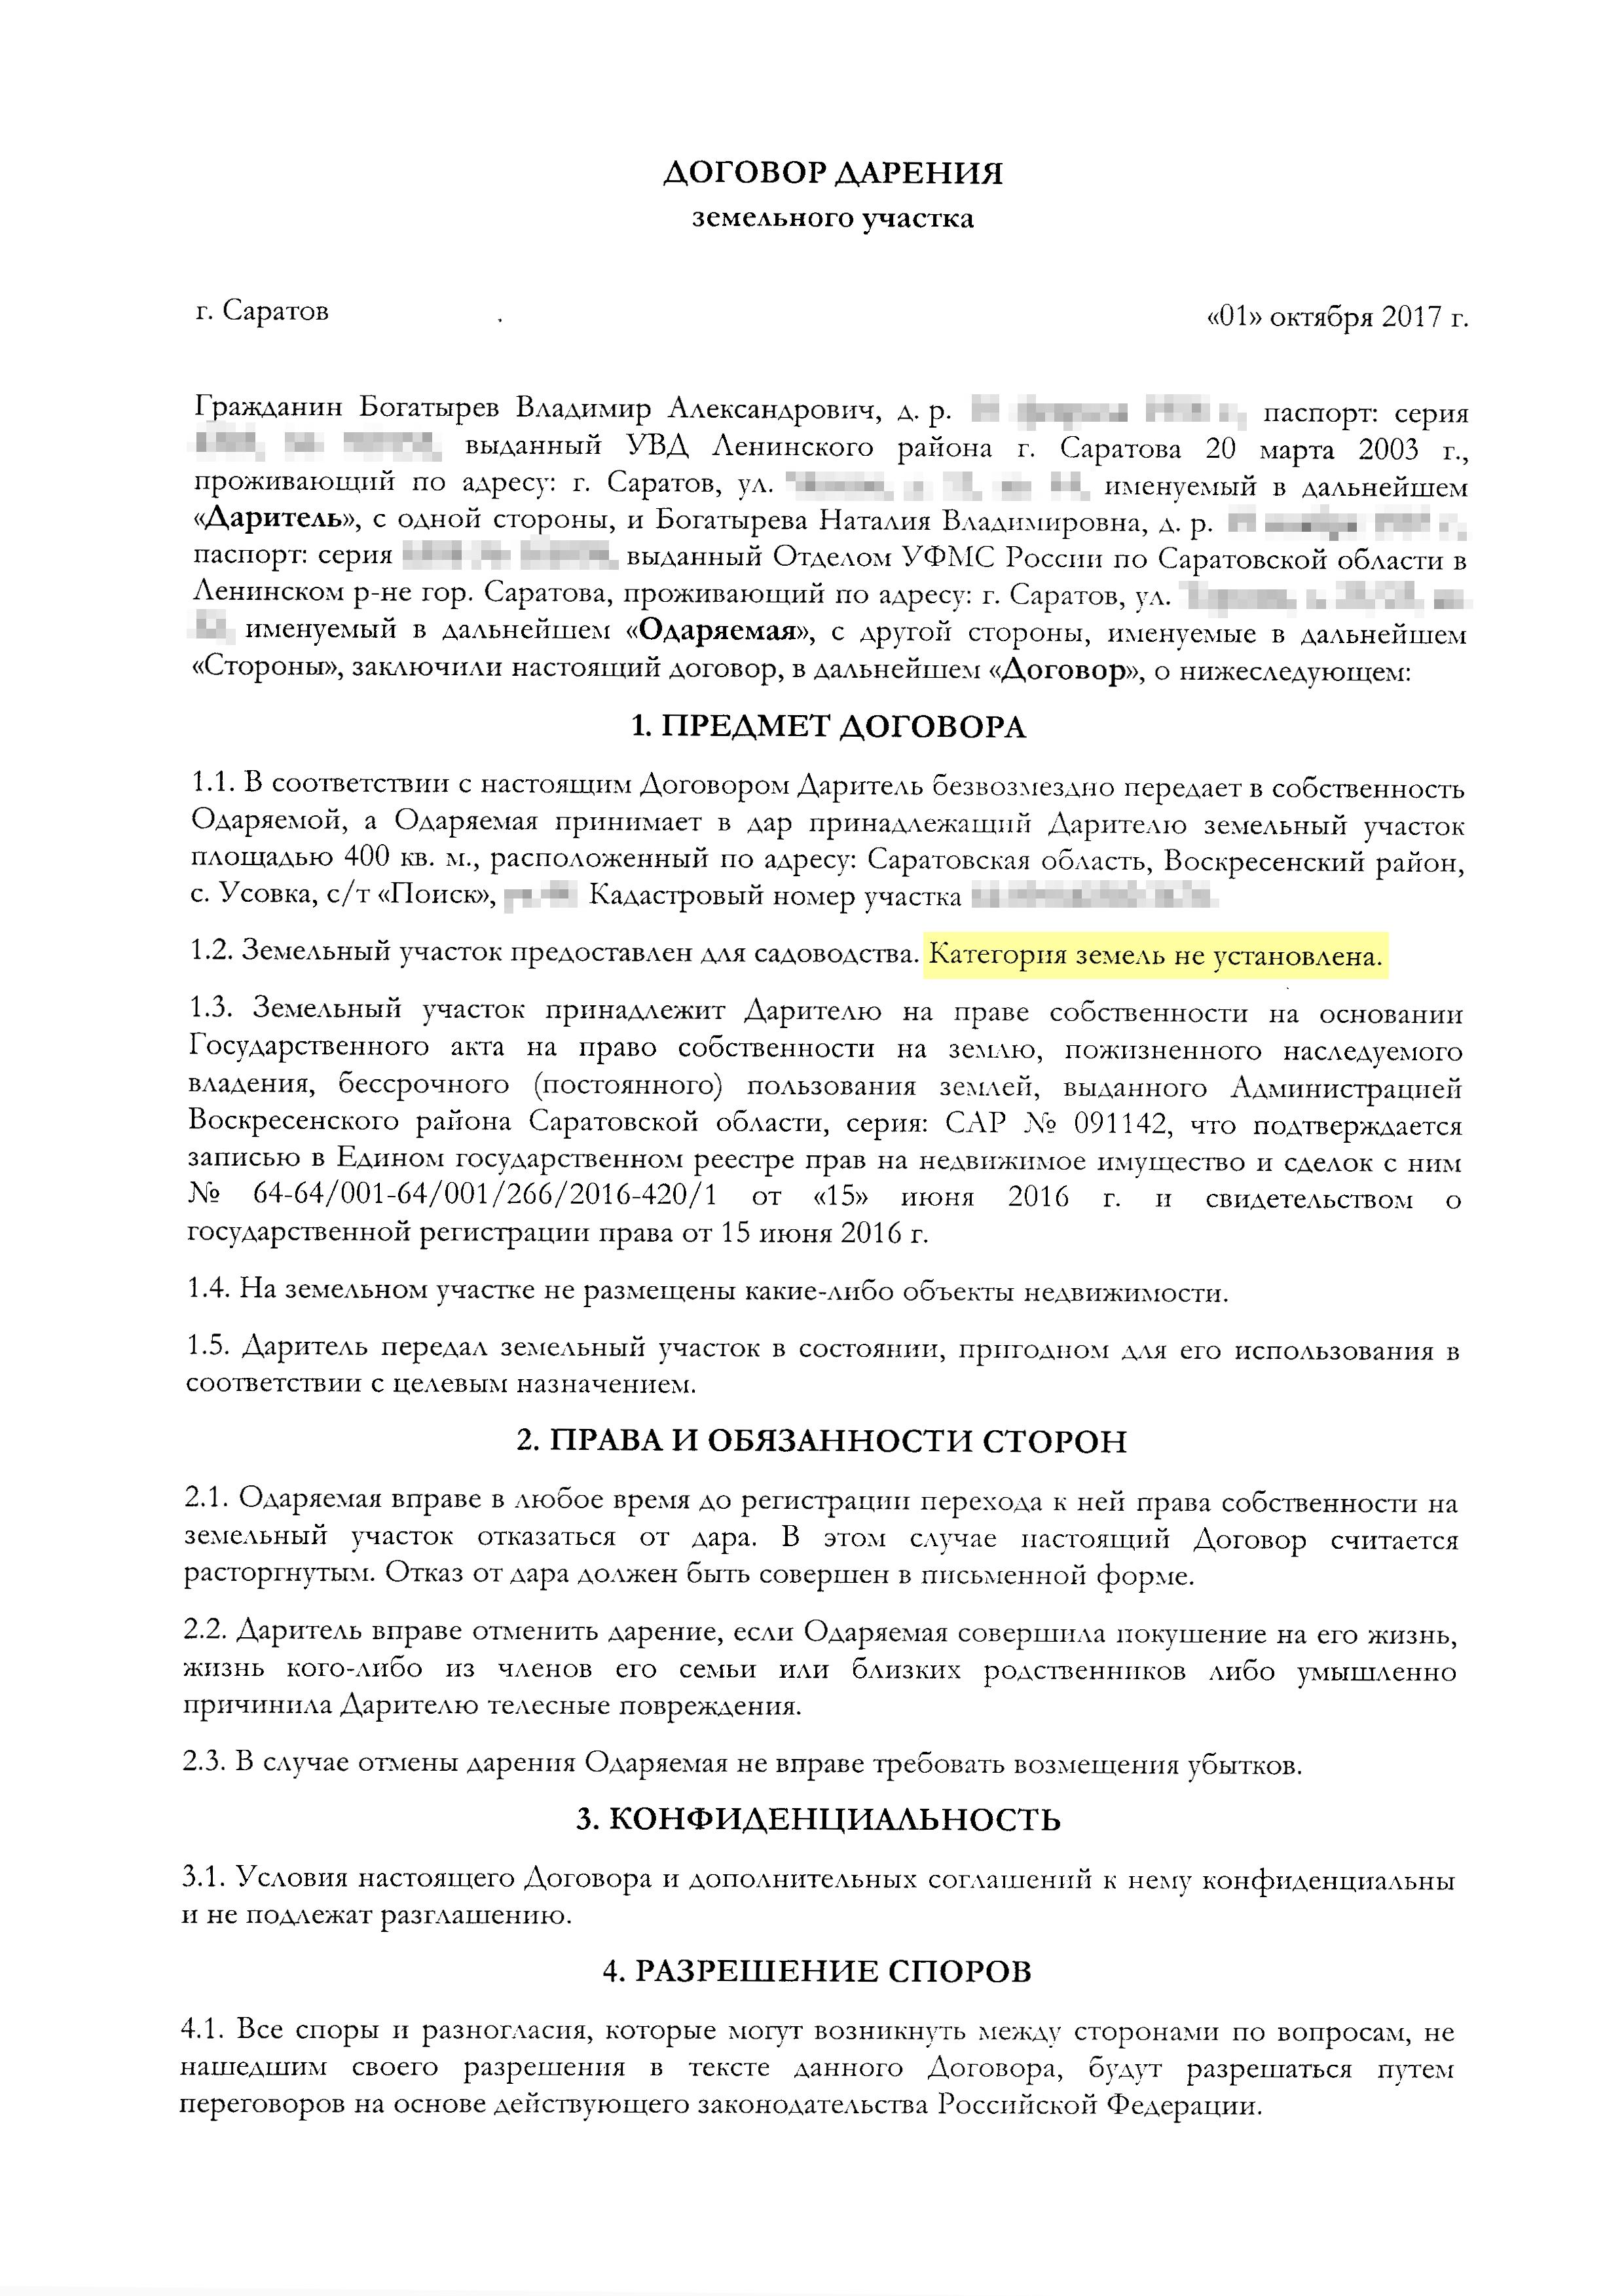 В договоре подробно описываются все данные о земельном участке. Если категория земель не установлена, не нужно об этом писать. Нужно ее установить, а потом составлять договор